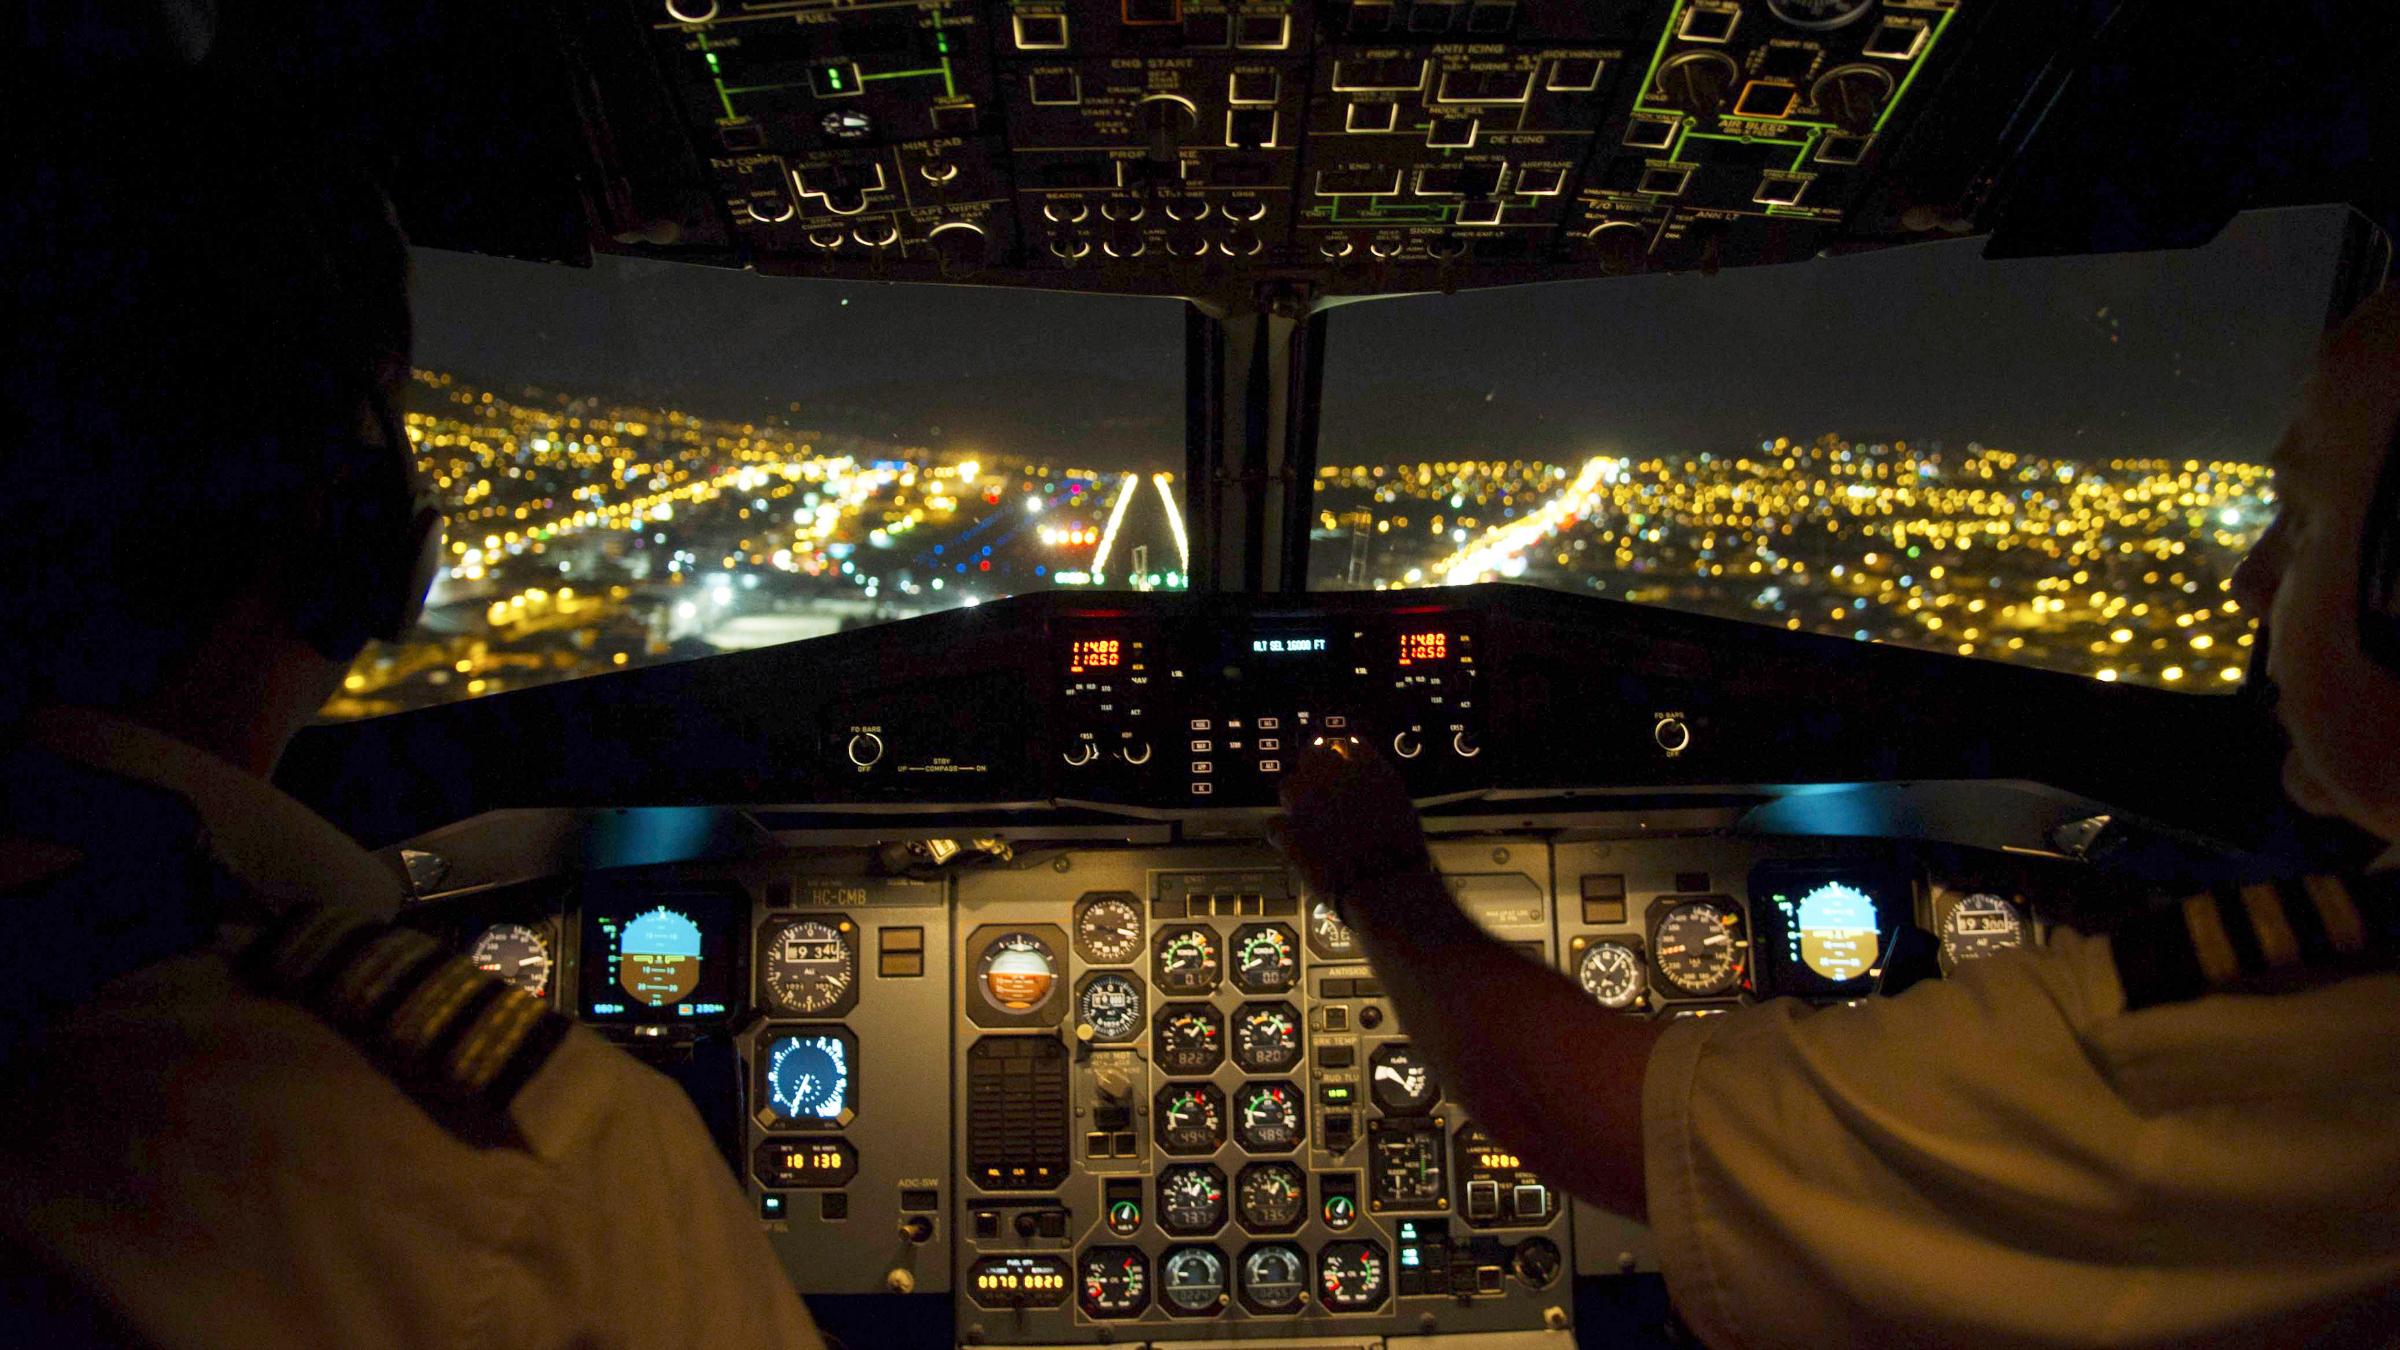 Laser pointer cockpit